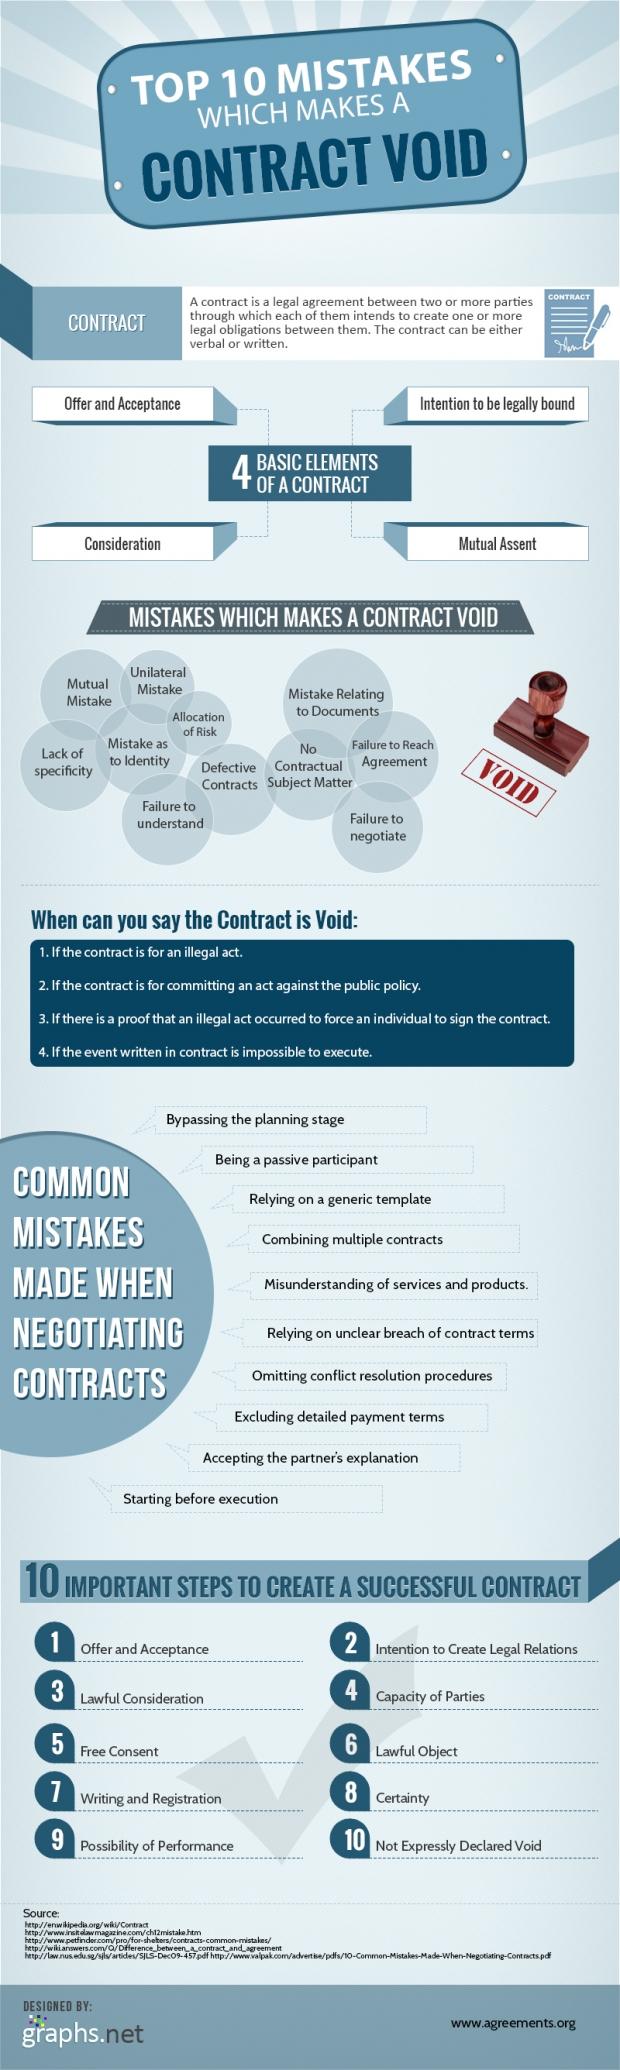 TopMistakesWhichMakeAContractVoid  Infographic